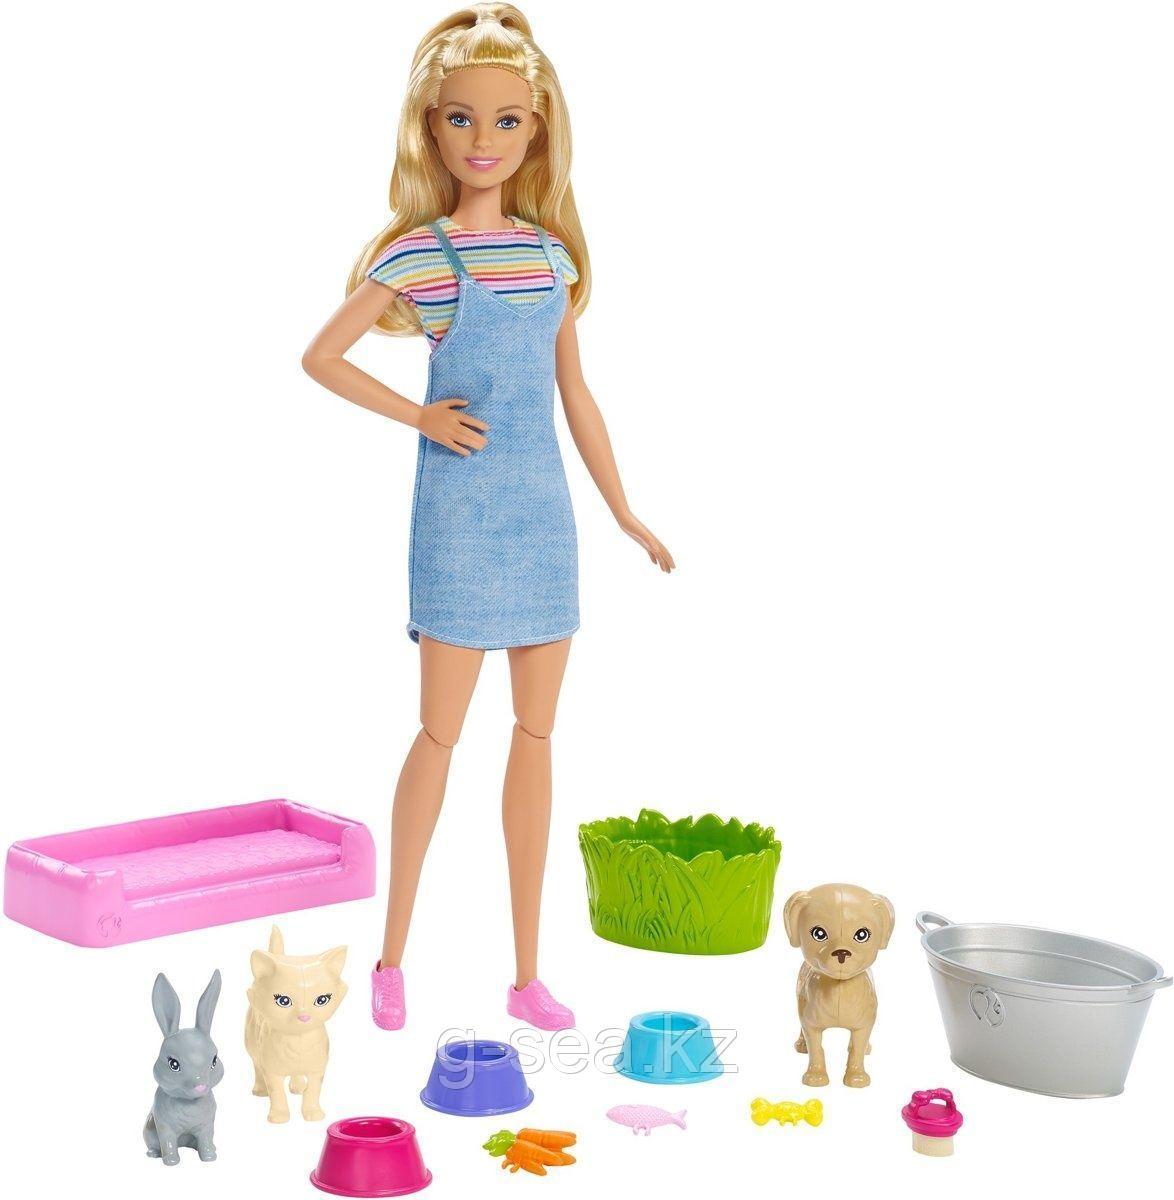 Barbie: Игровые наборы с питомцами: Игровой набор - Блондинка с питомцами, меняющими цвет